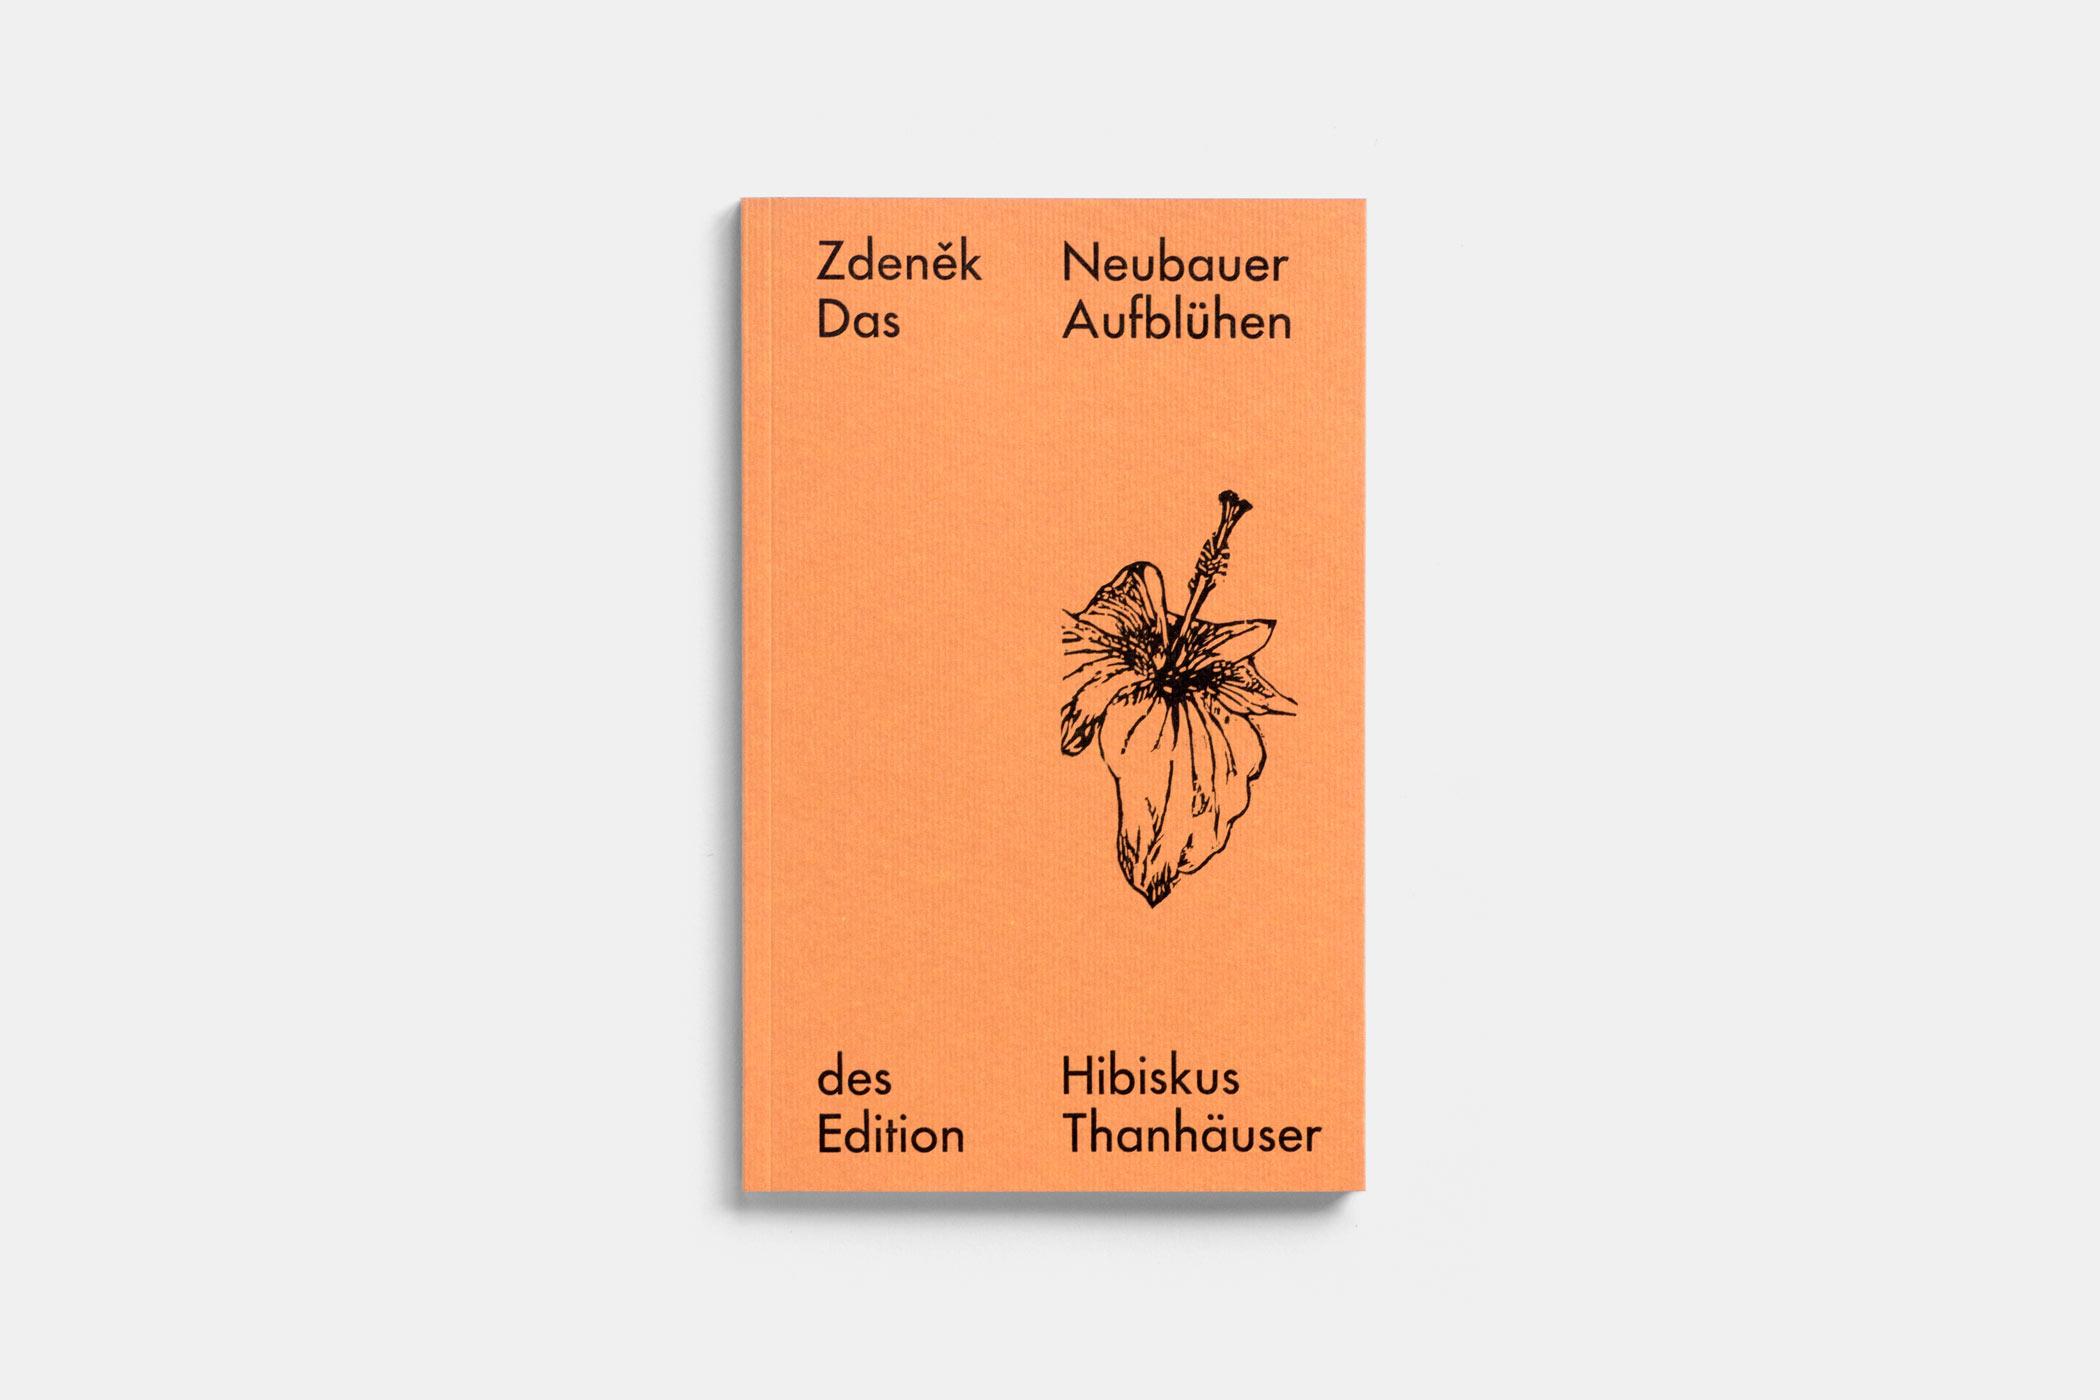 """Das Buch """"Das Aufblühen des Hibiskus"""" von Zdeněk Neubauer erschienen im Verlag Edition Thanhäuser mit einem Holzschnitt eines Hibiskus von Christian Thanhäuser am Umschlag"""